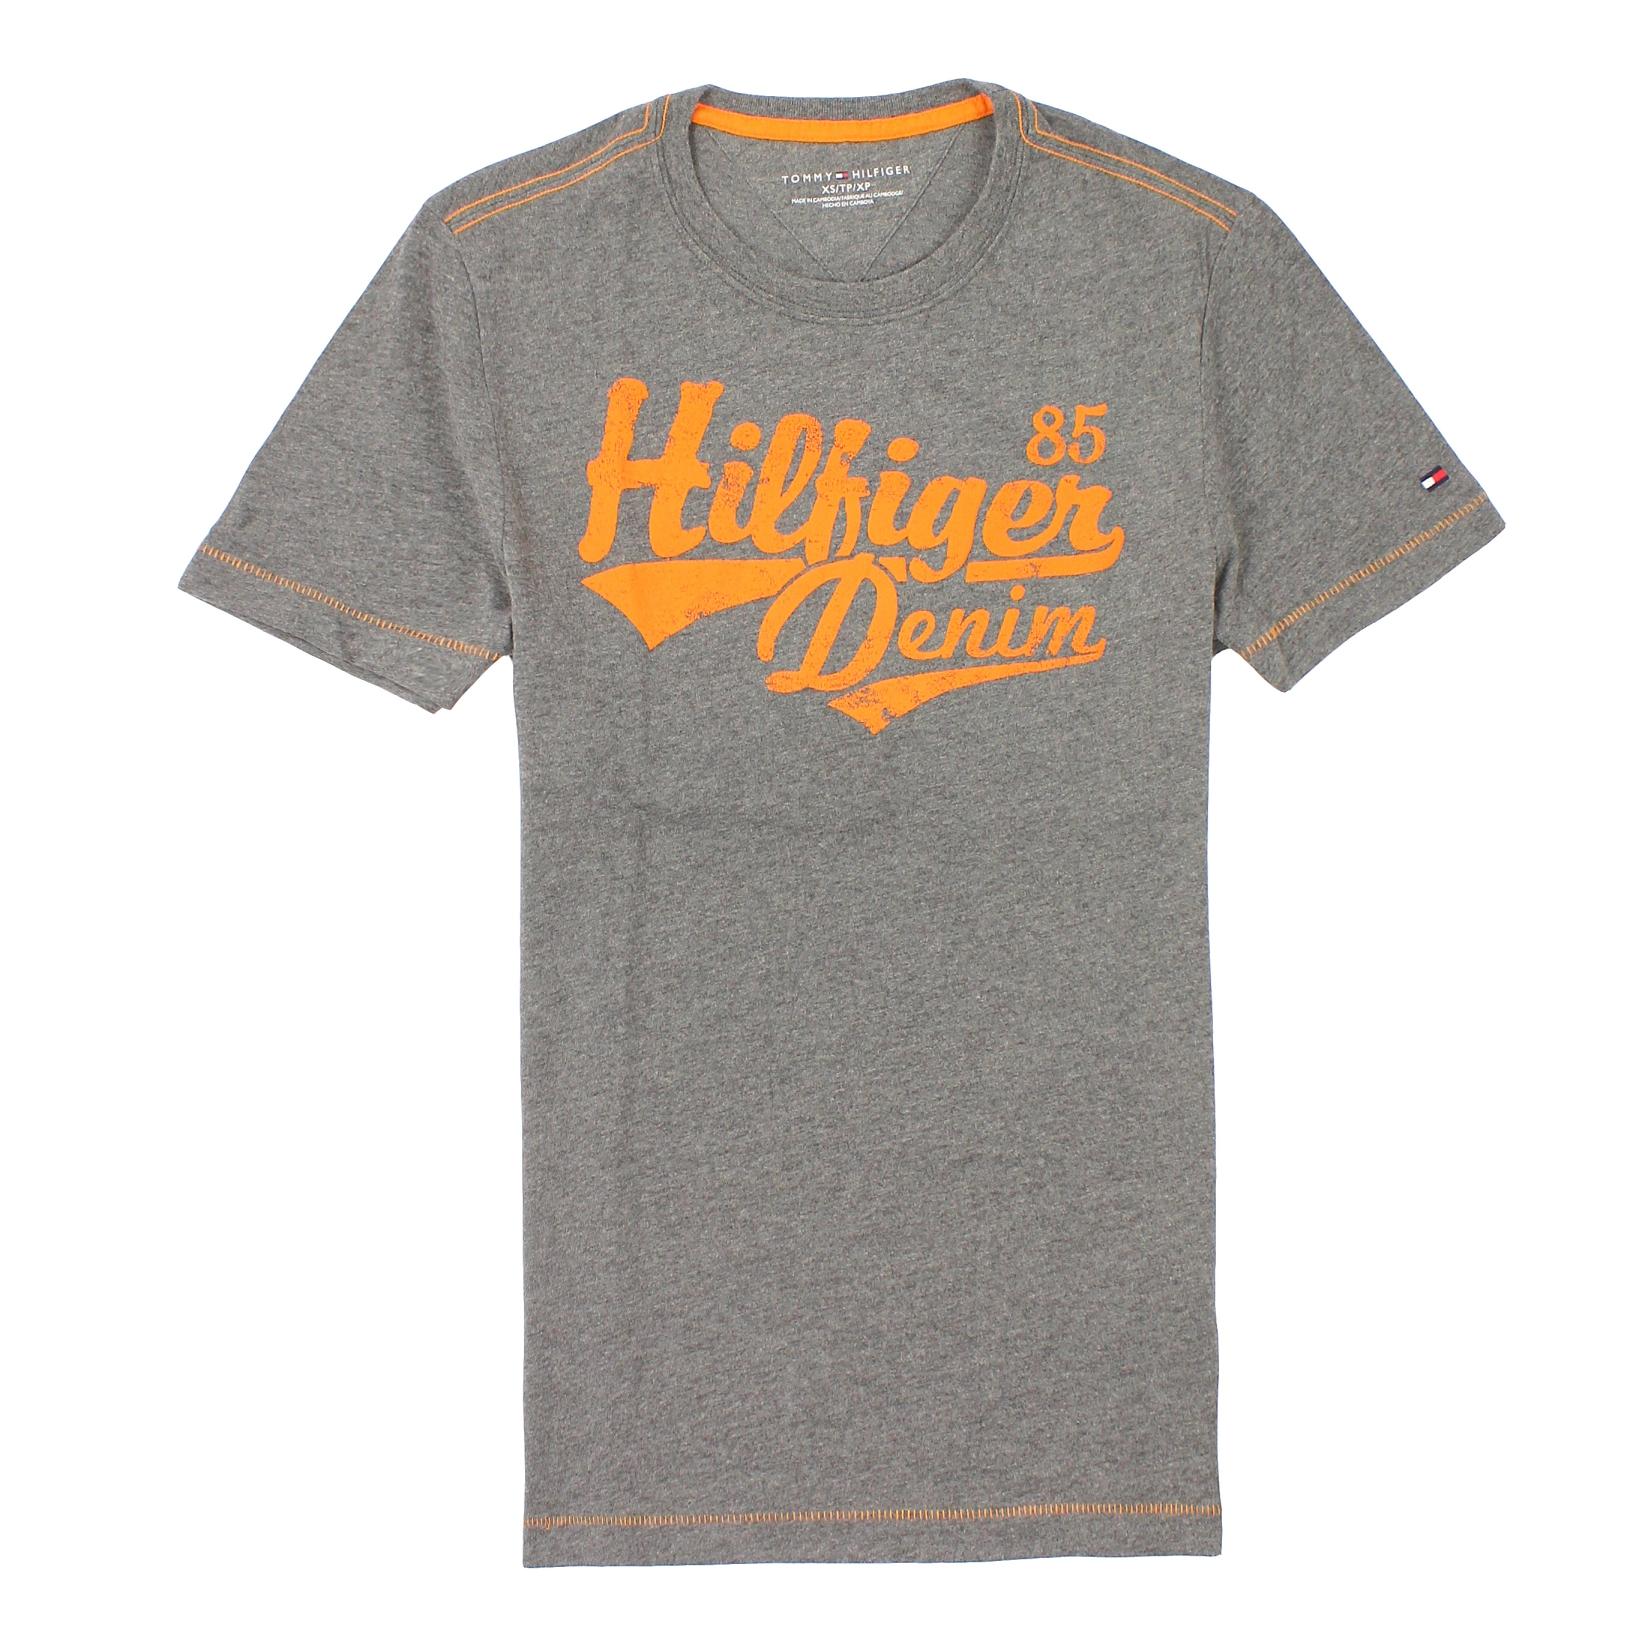 美國百分百【全新真品】Tommy Hilfiger T恤 TH 短袖 T-shirt 上衣 灰 Logo 文字 印刷 男 XS S號